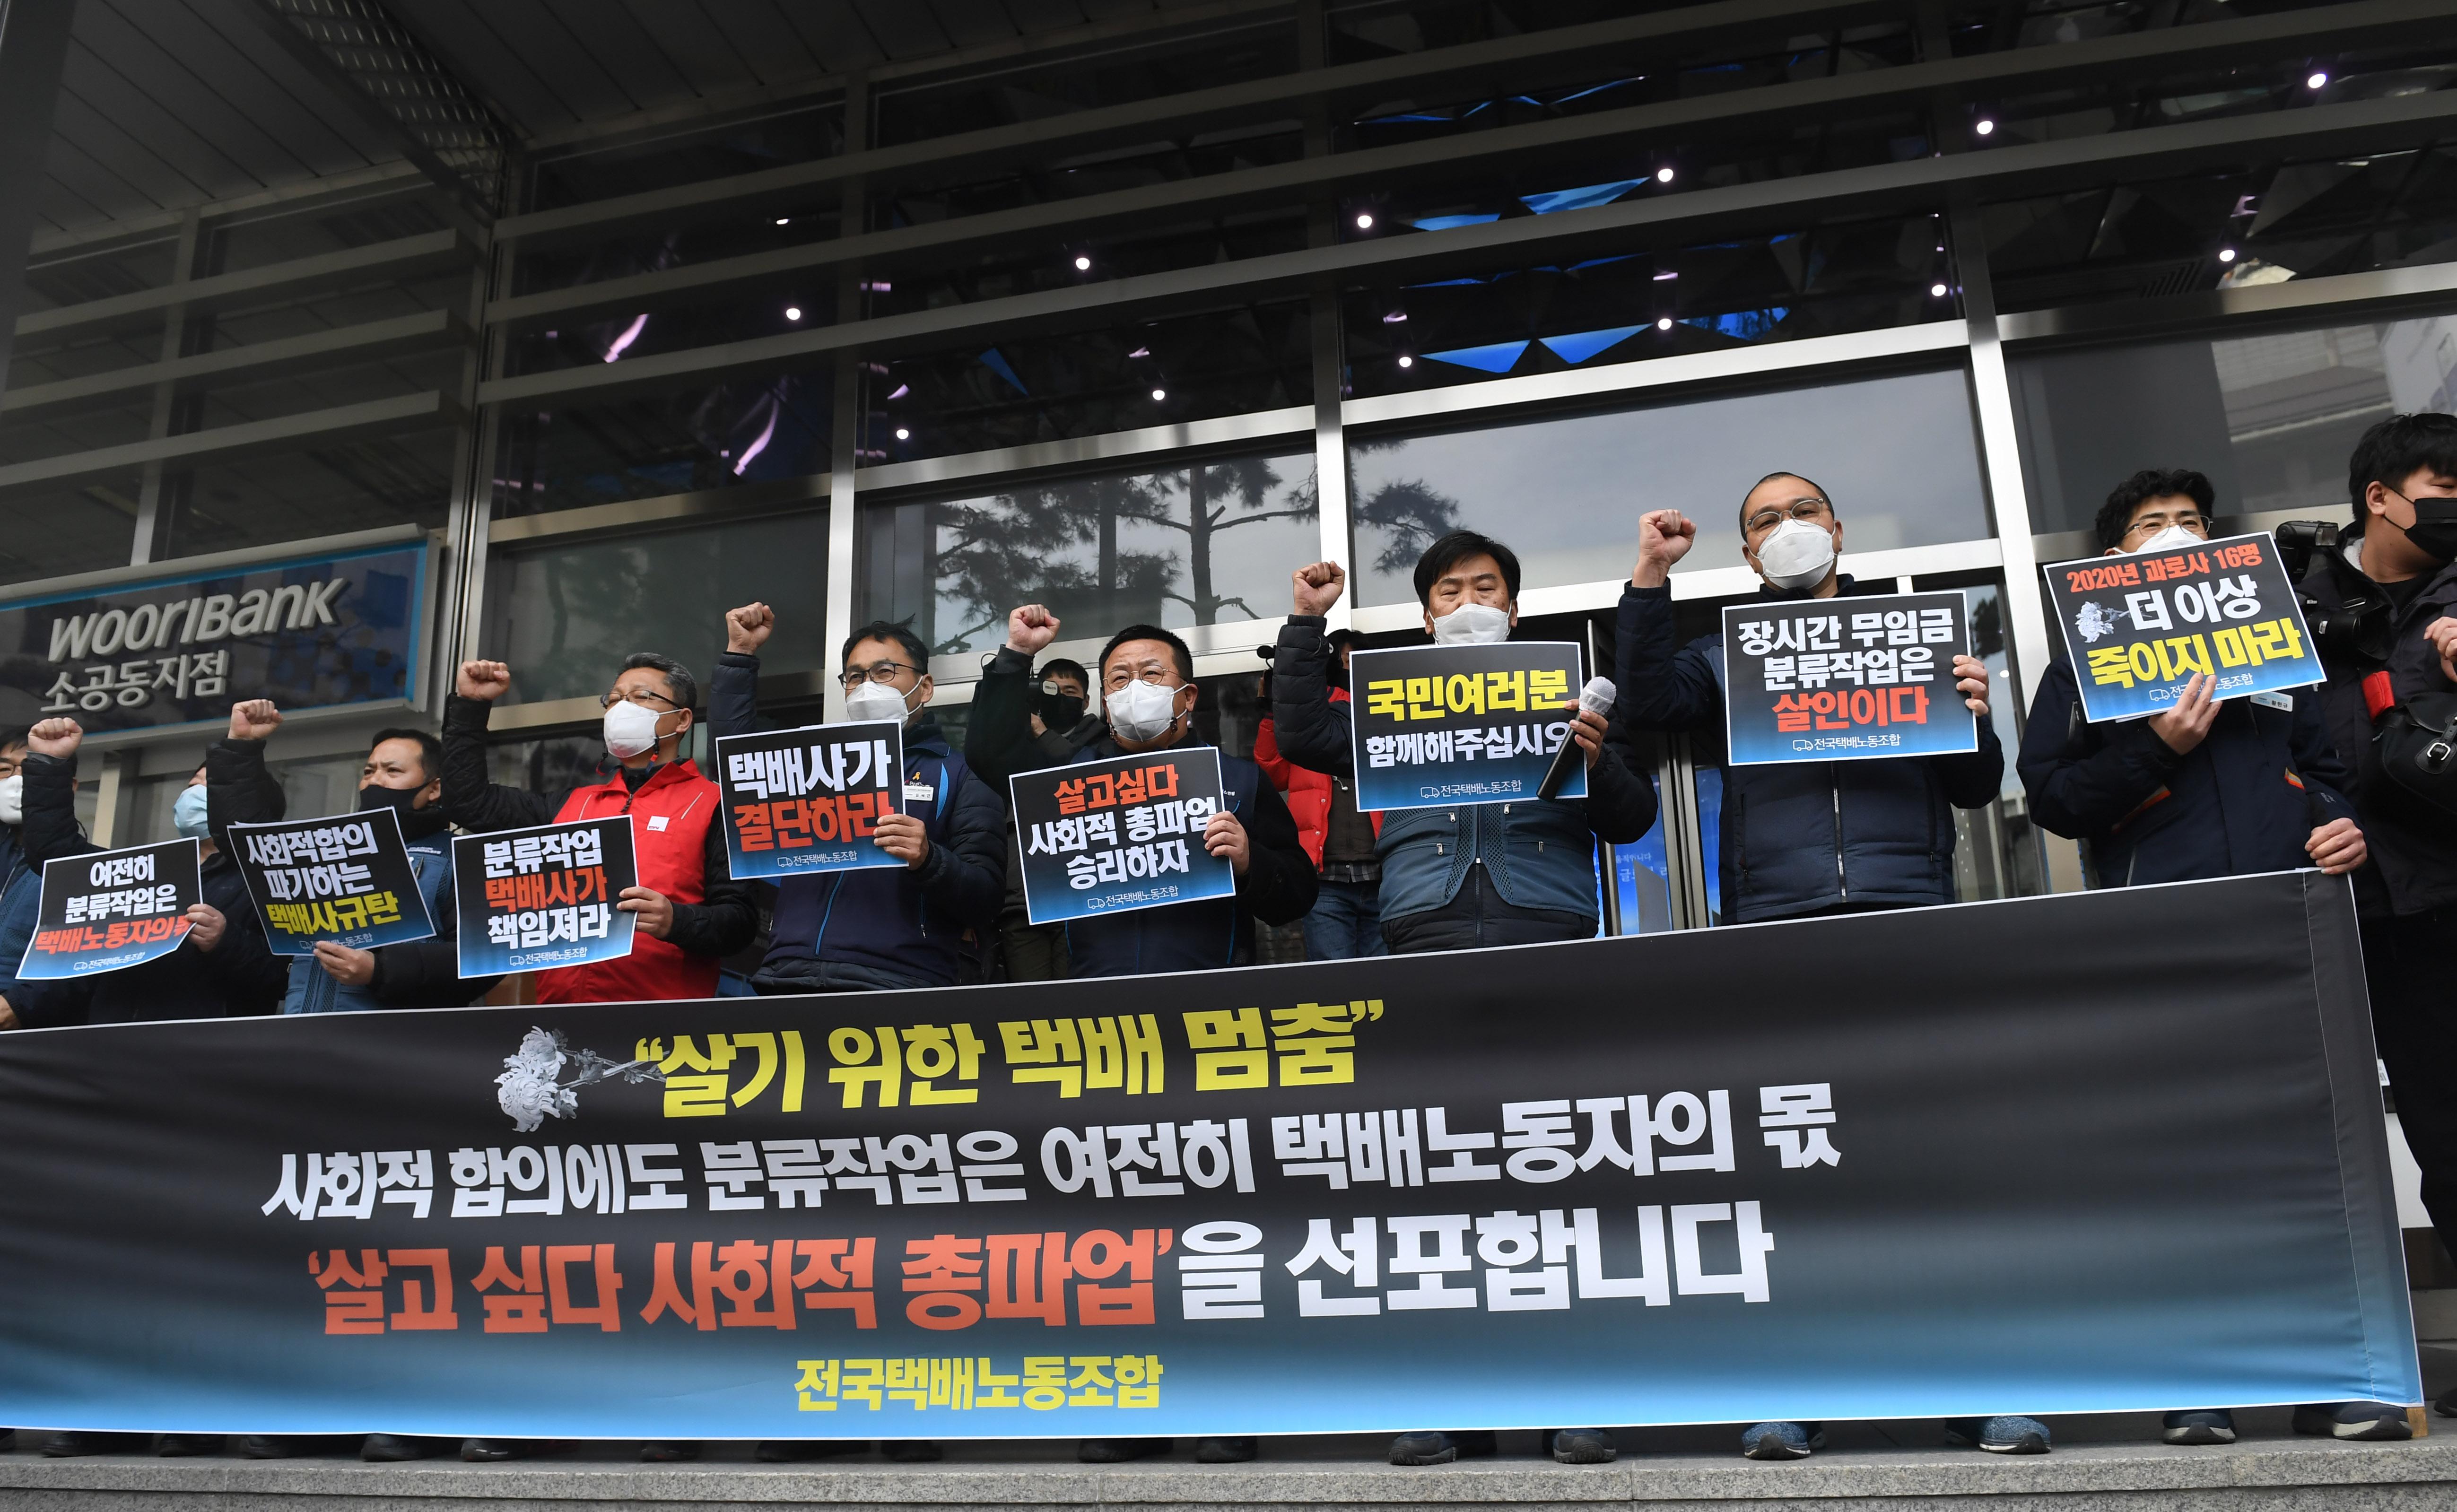 '택배합의 6일만에' 택배노조 29일 총파업 돌입